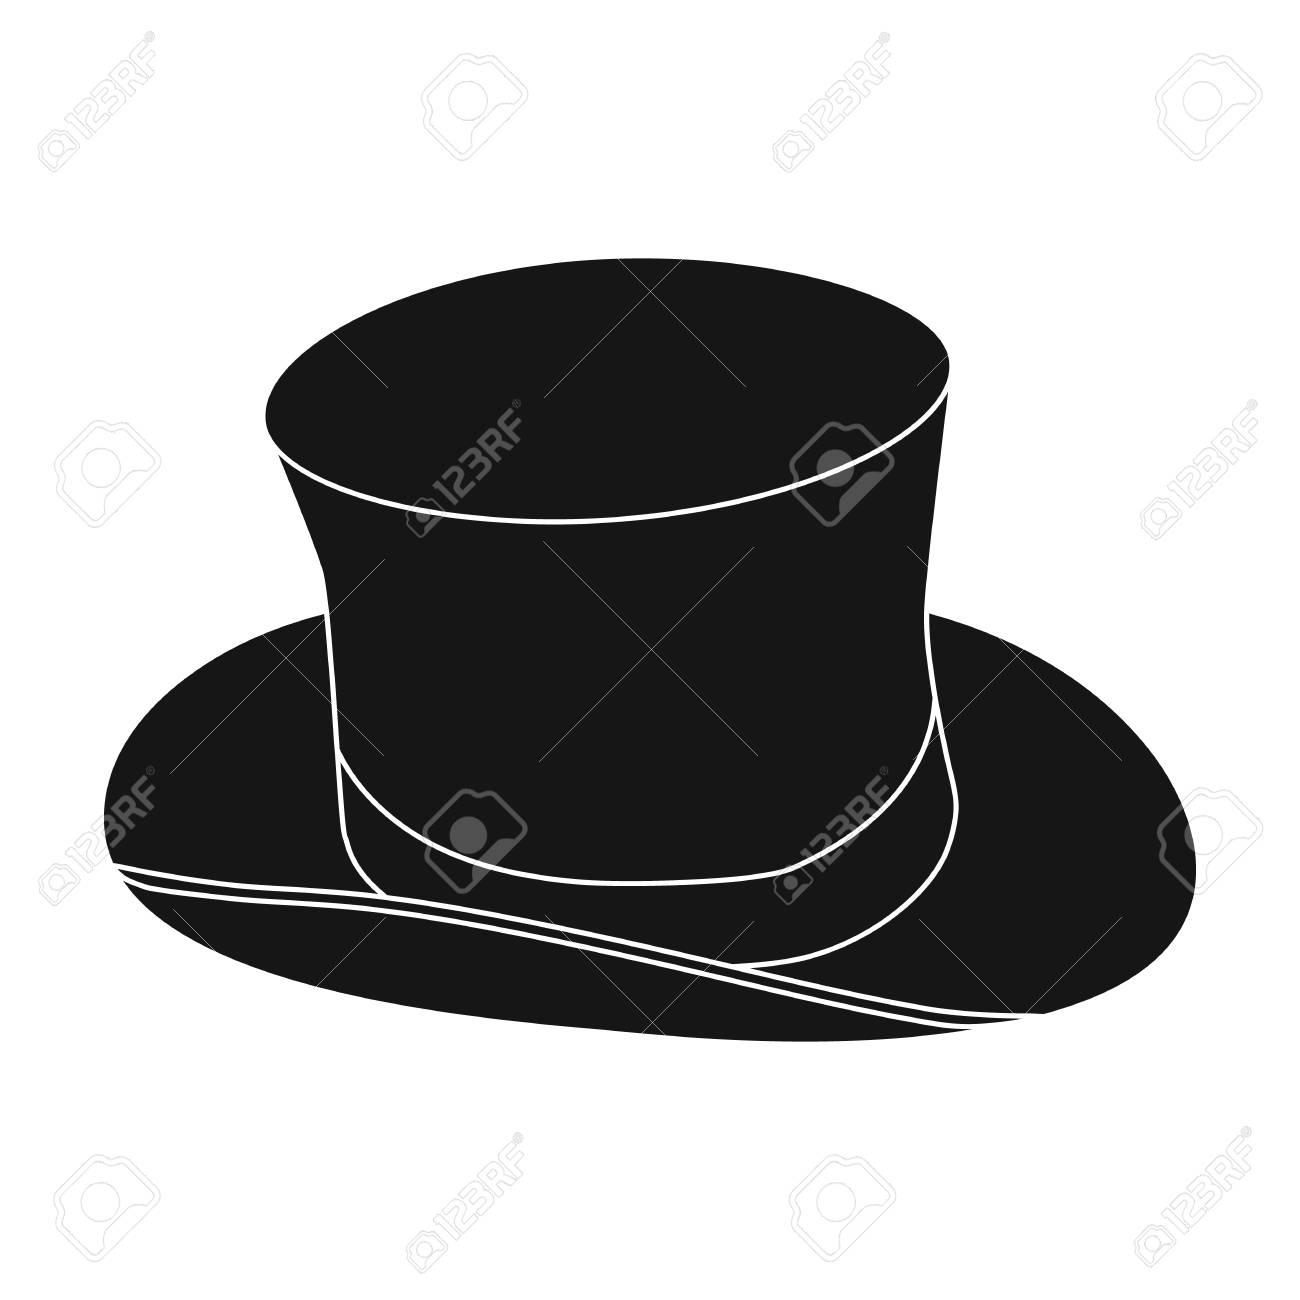 outlet in vendita scegli l'ultima disponibile Icona di cappello a cilindro in stile nero isolato su priorità bassa  bianca. Illustrazione di vettore di simbolo del paese dell'Inghilterra.